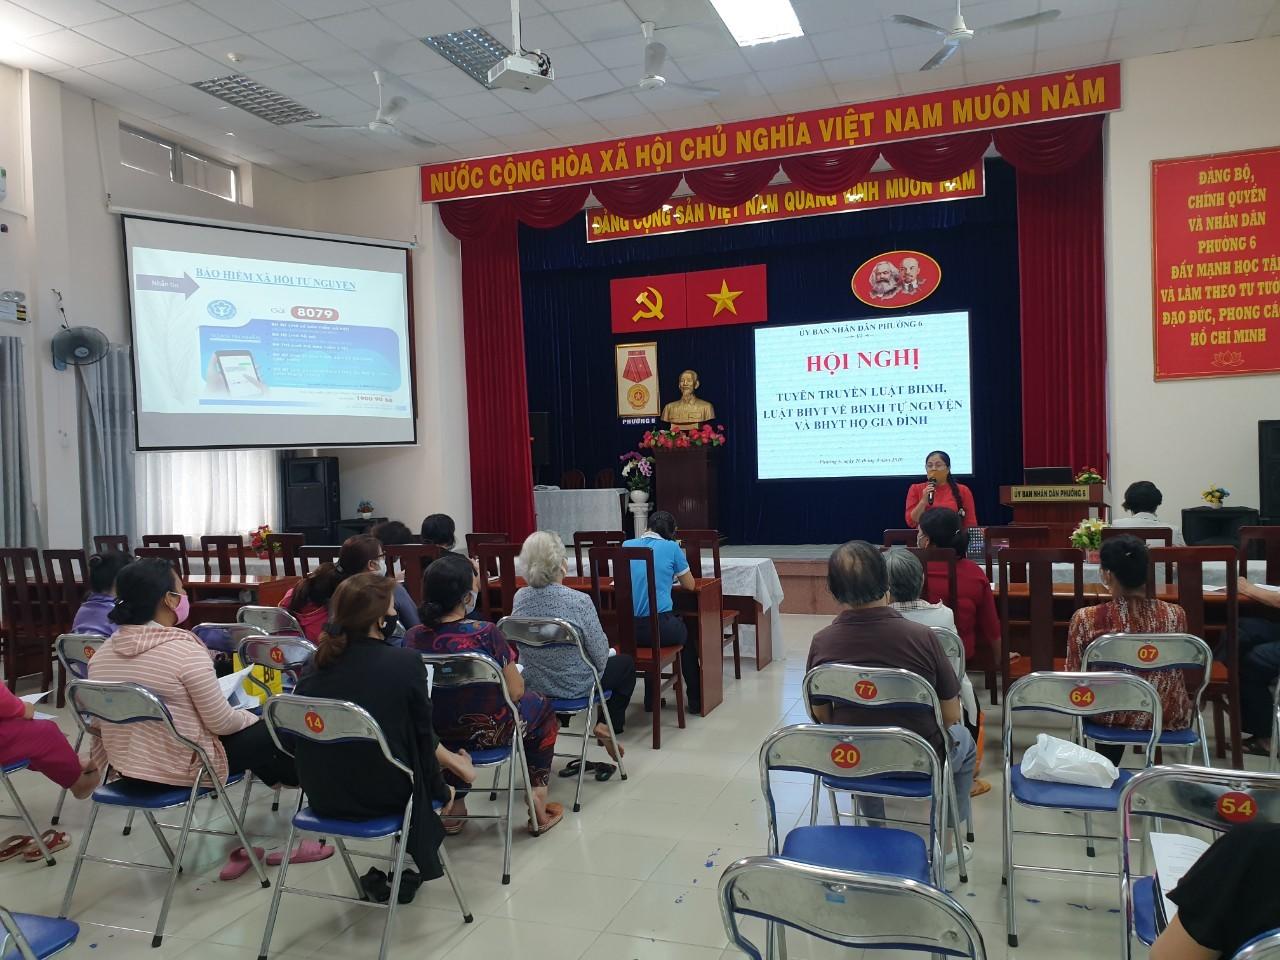 Phường 6: tổ chức Hội nghị tuyên truyền về chính sách BHXH tự nguyện